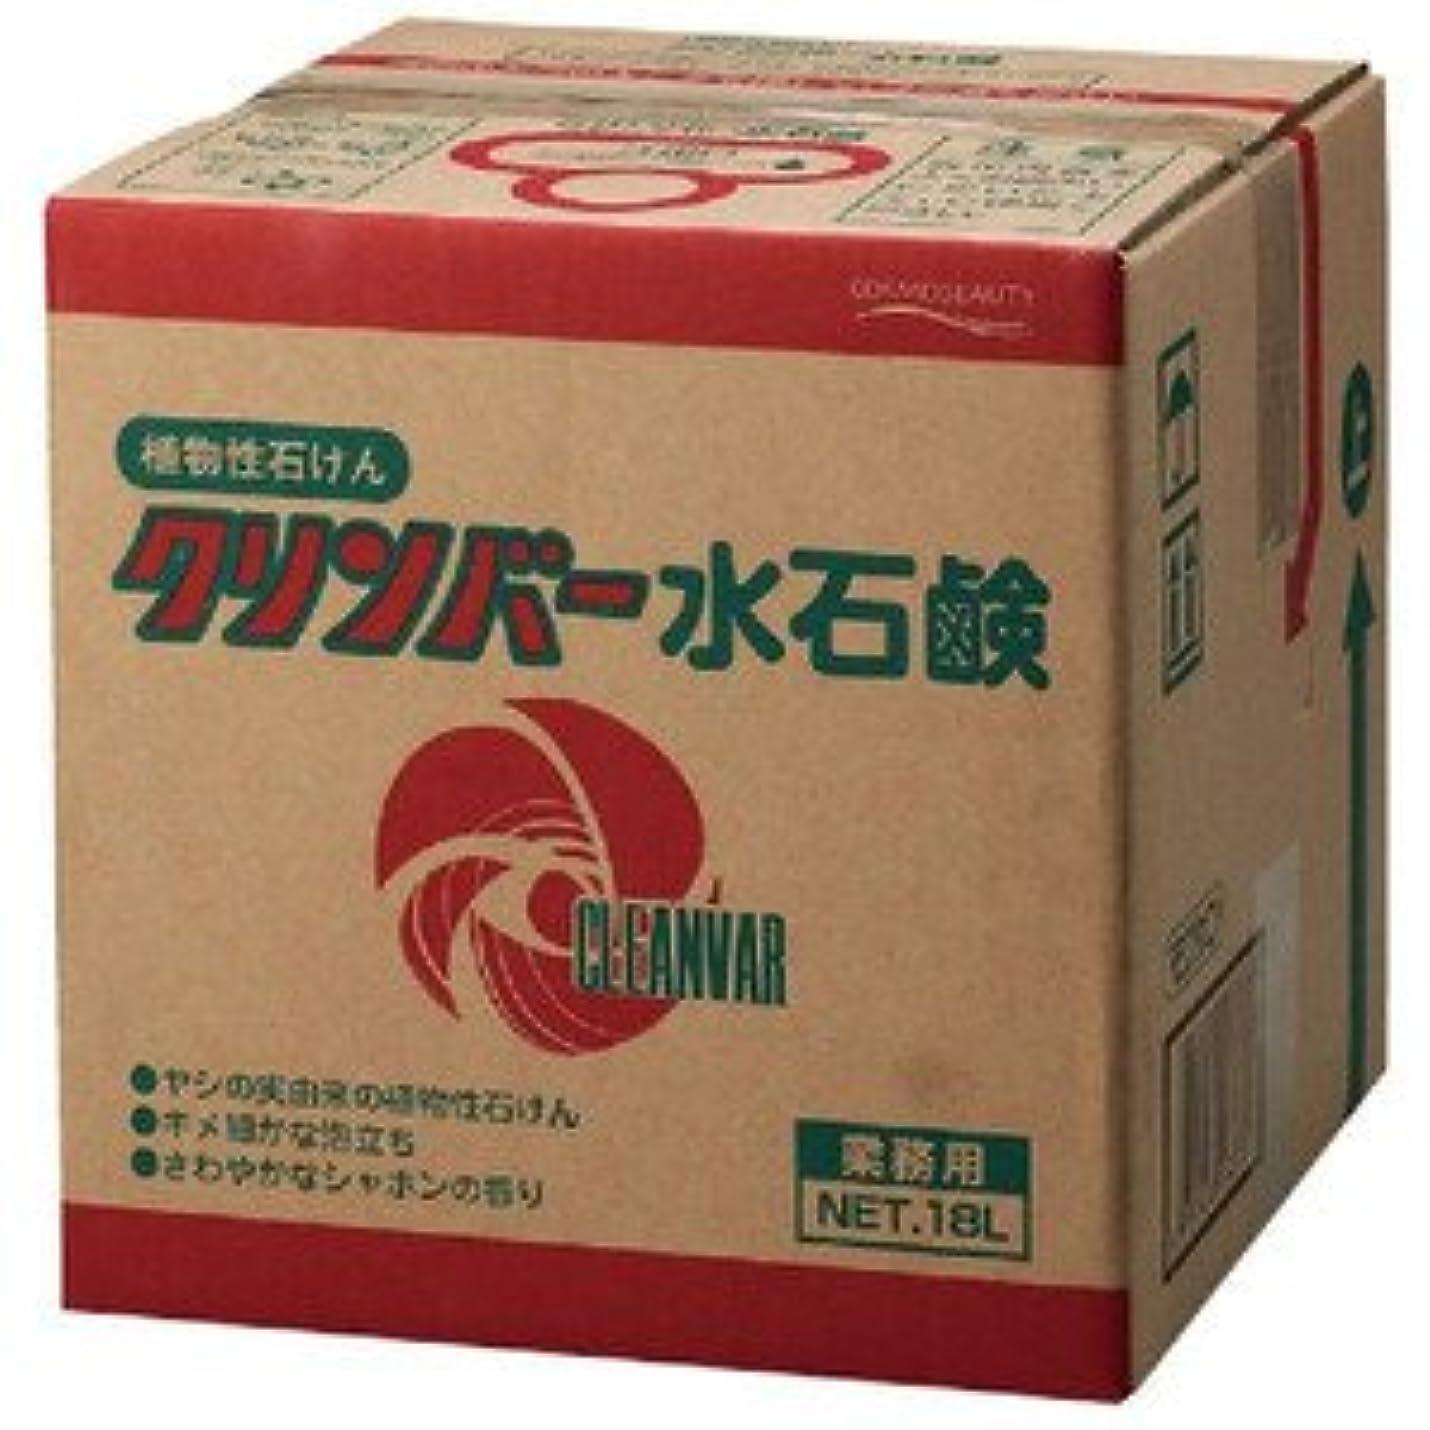 タフ妊娠した市場コスモビューティー ヤシの実由来 業務用液体手洗い洗剤 ナチュラルソープ( 旧名:クリンバー水石鹸) 18L 16373